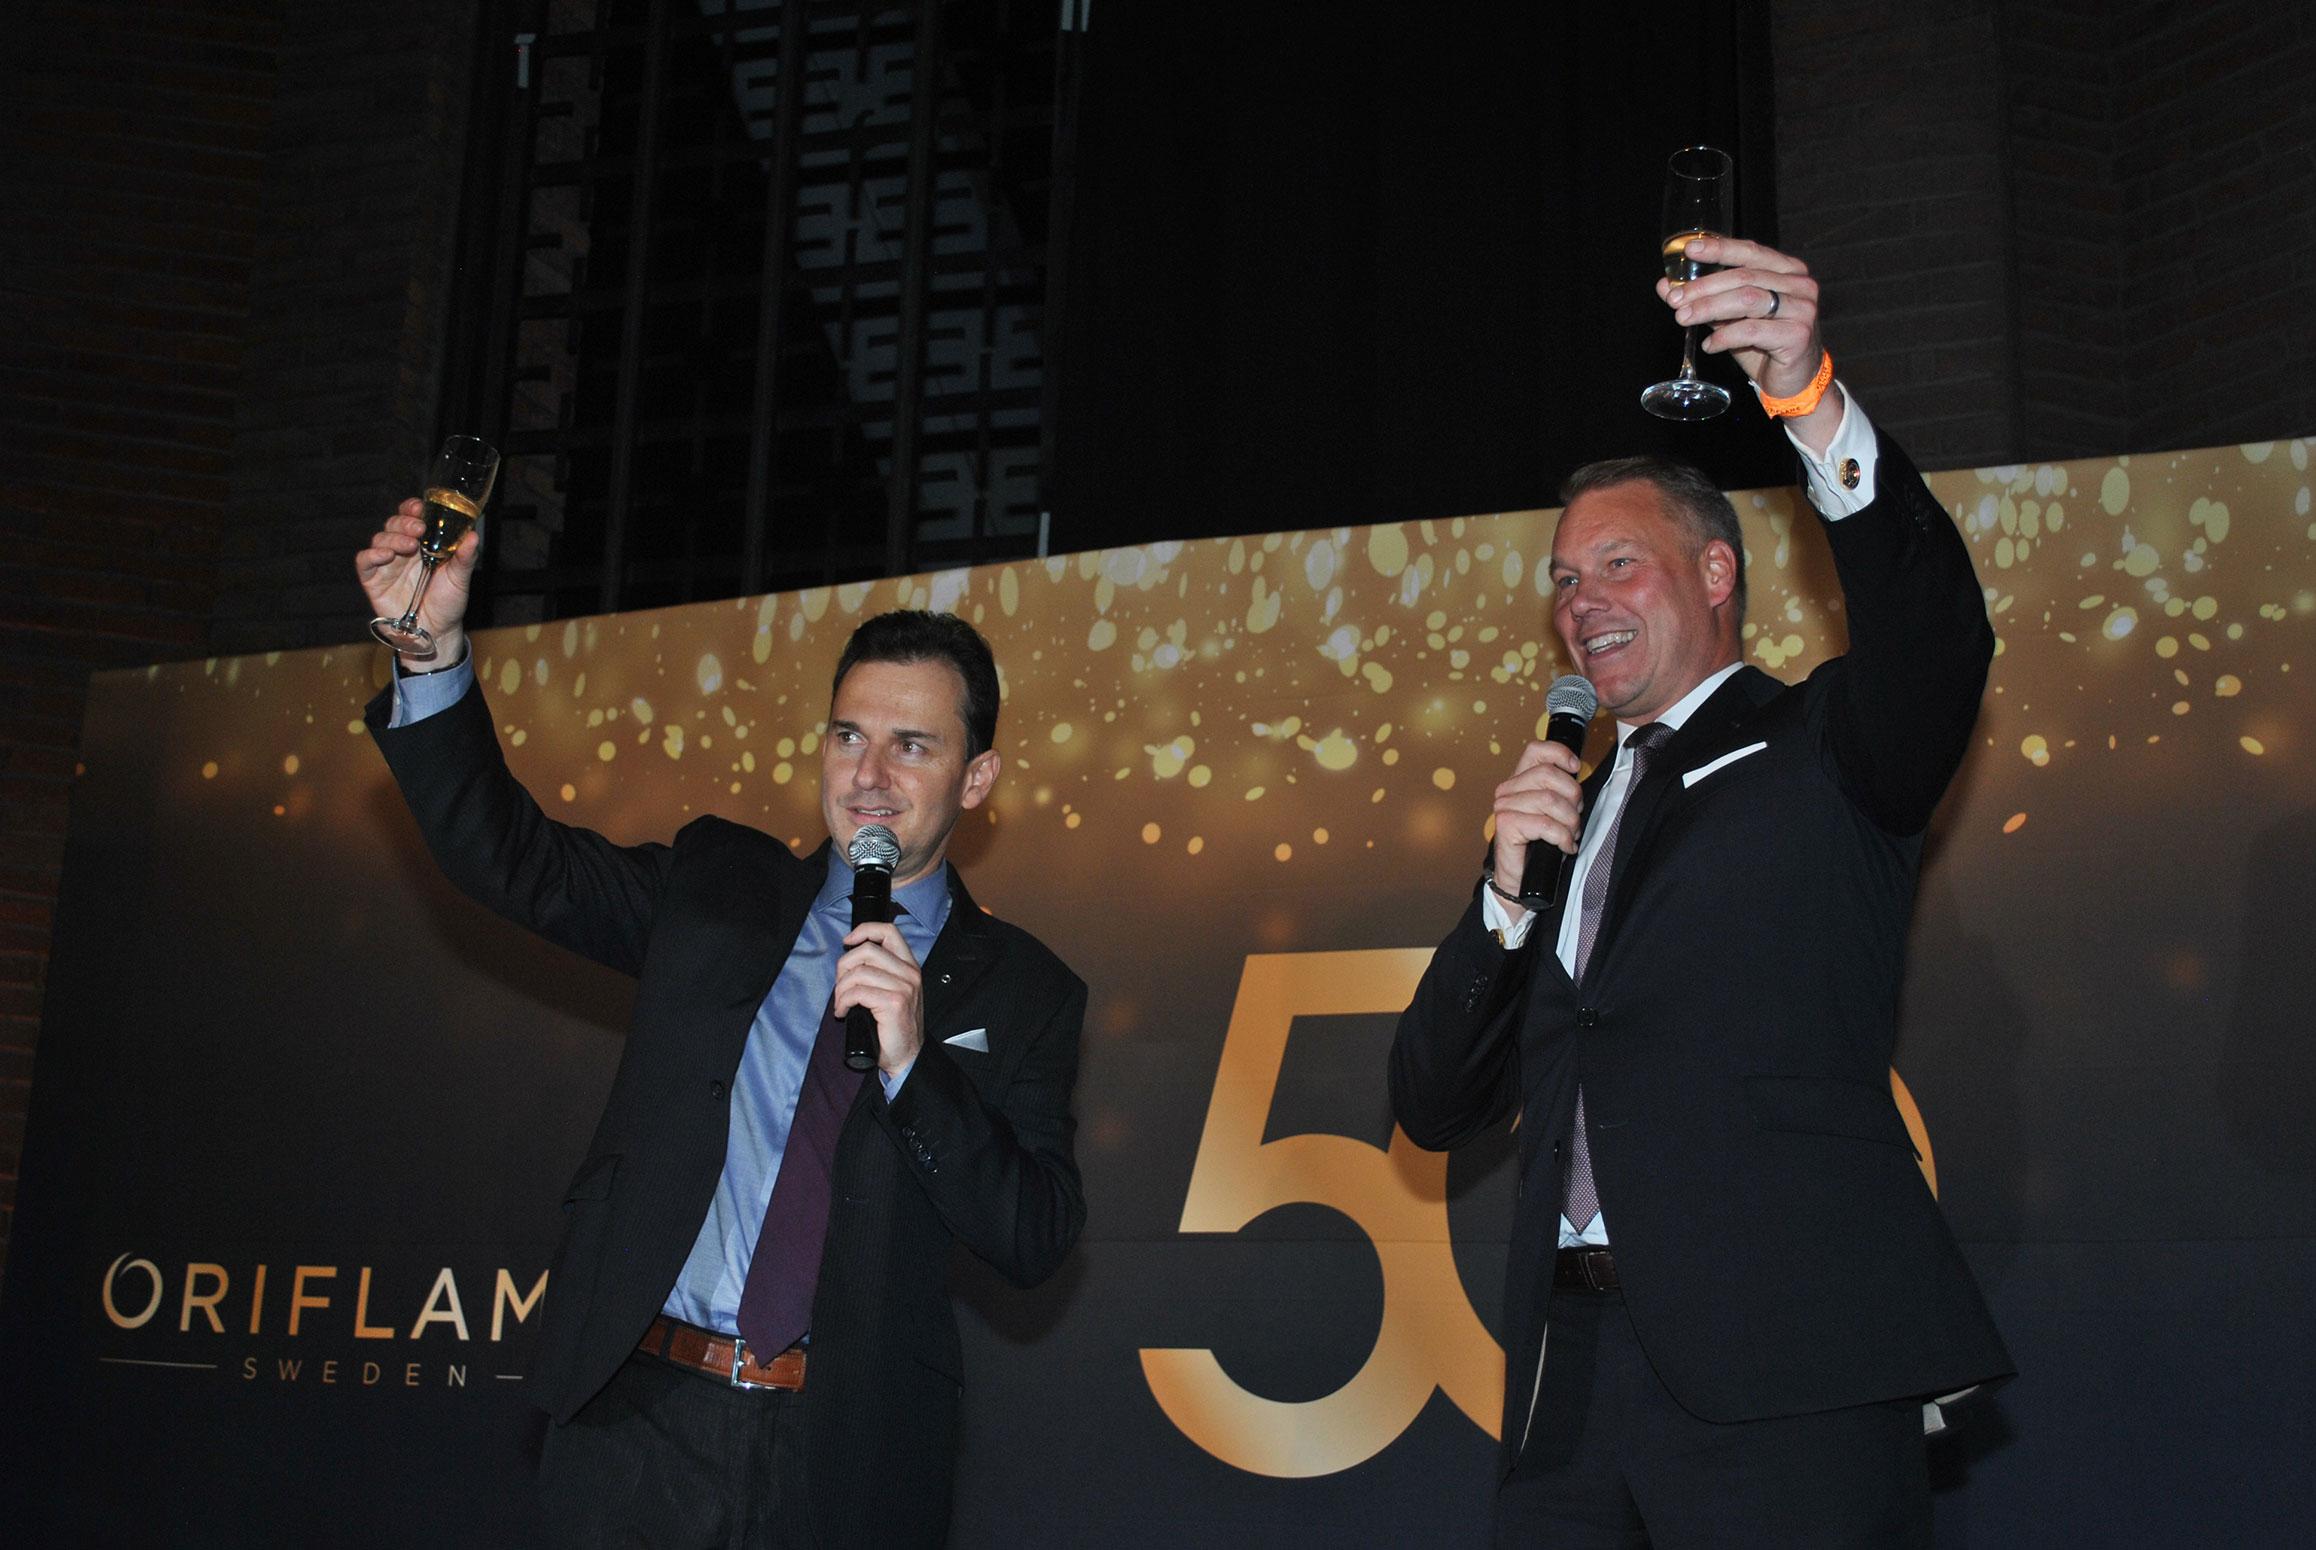 Santiago Salazar, presidente de Oriflame México, y Magnus Brännstrom, presidente de Oriflame, realizaron el brindis por los 50 años de la compañía